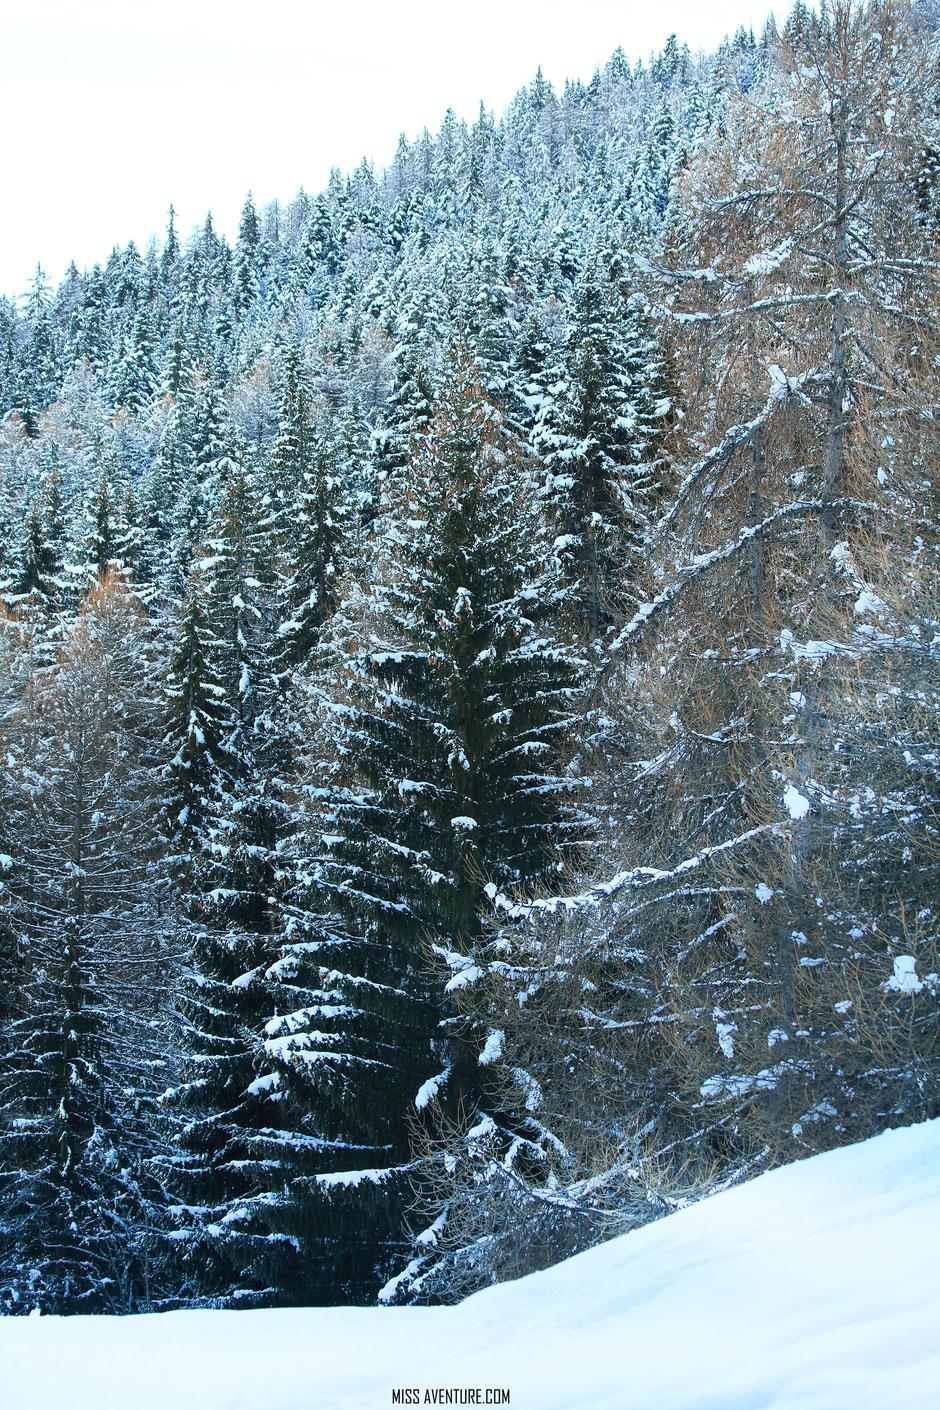 Pra Loup, week end sport et nature, balade en raquette. www.missaventure.com blog voyage d'aventures nature et photos.